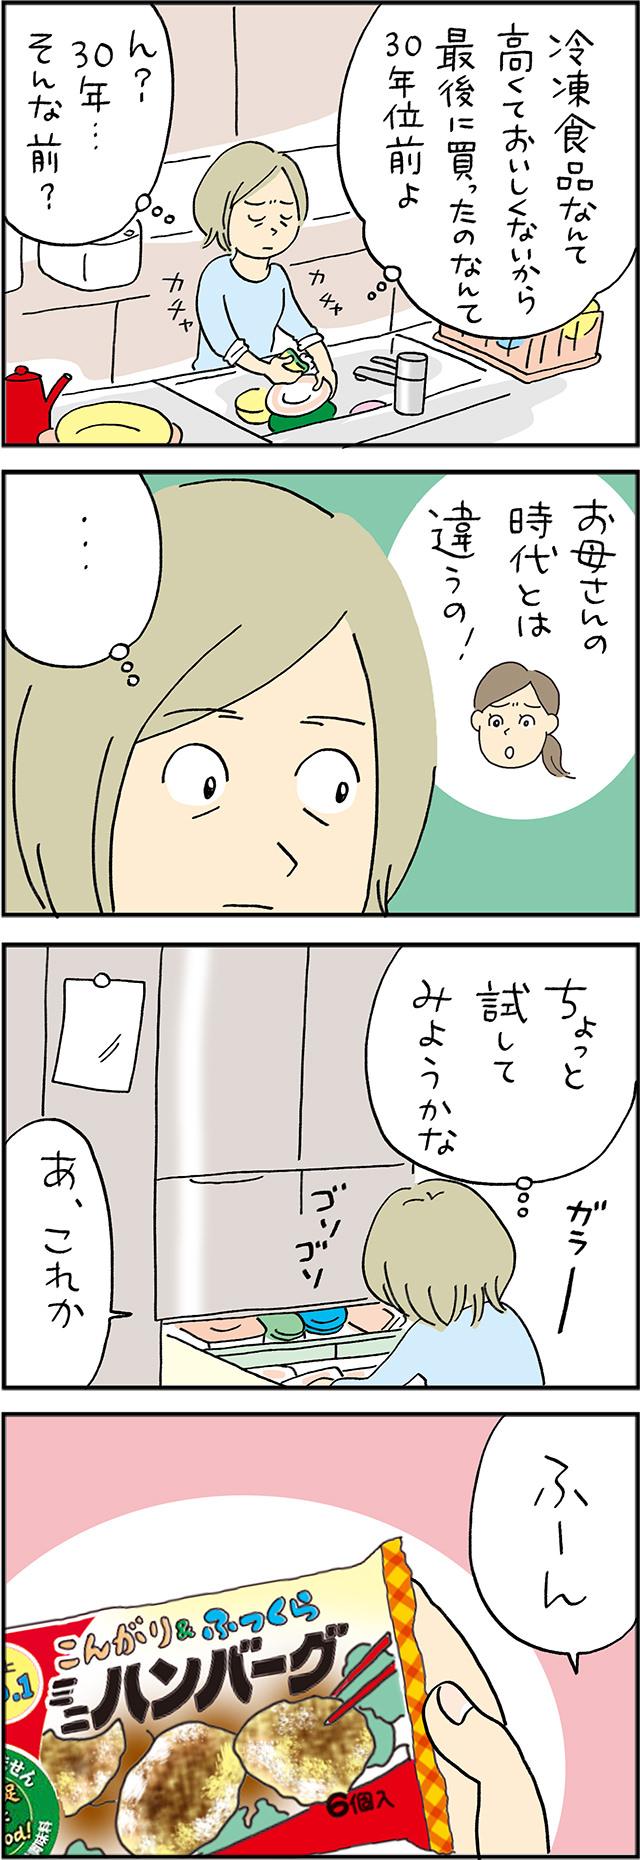 お弁当ハラスメント漫画イメージ